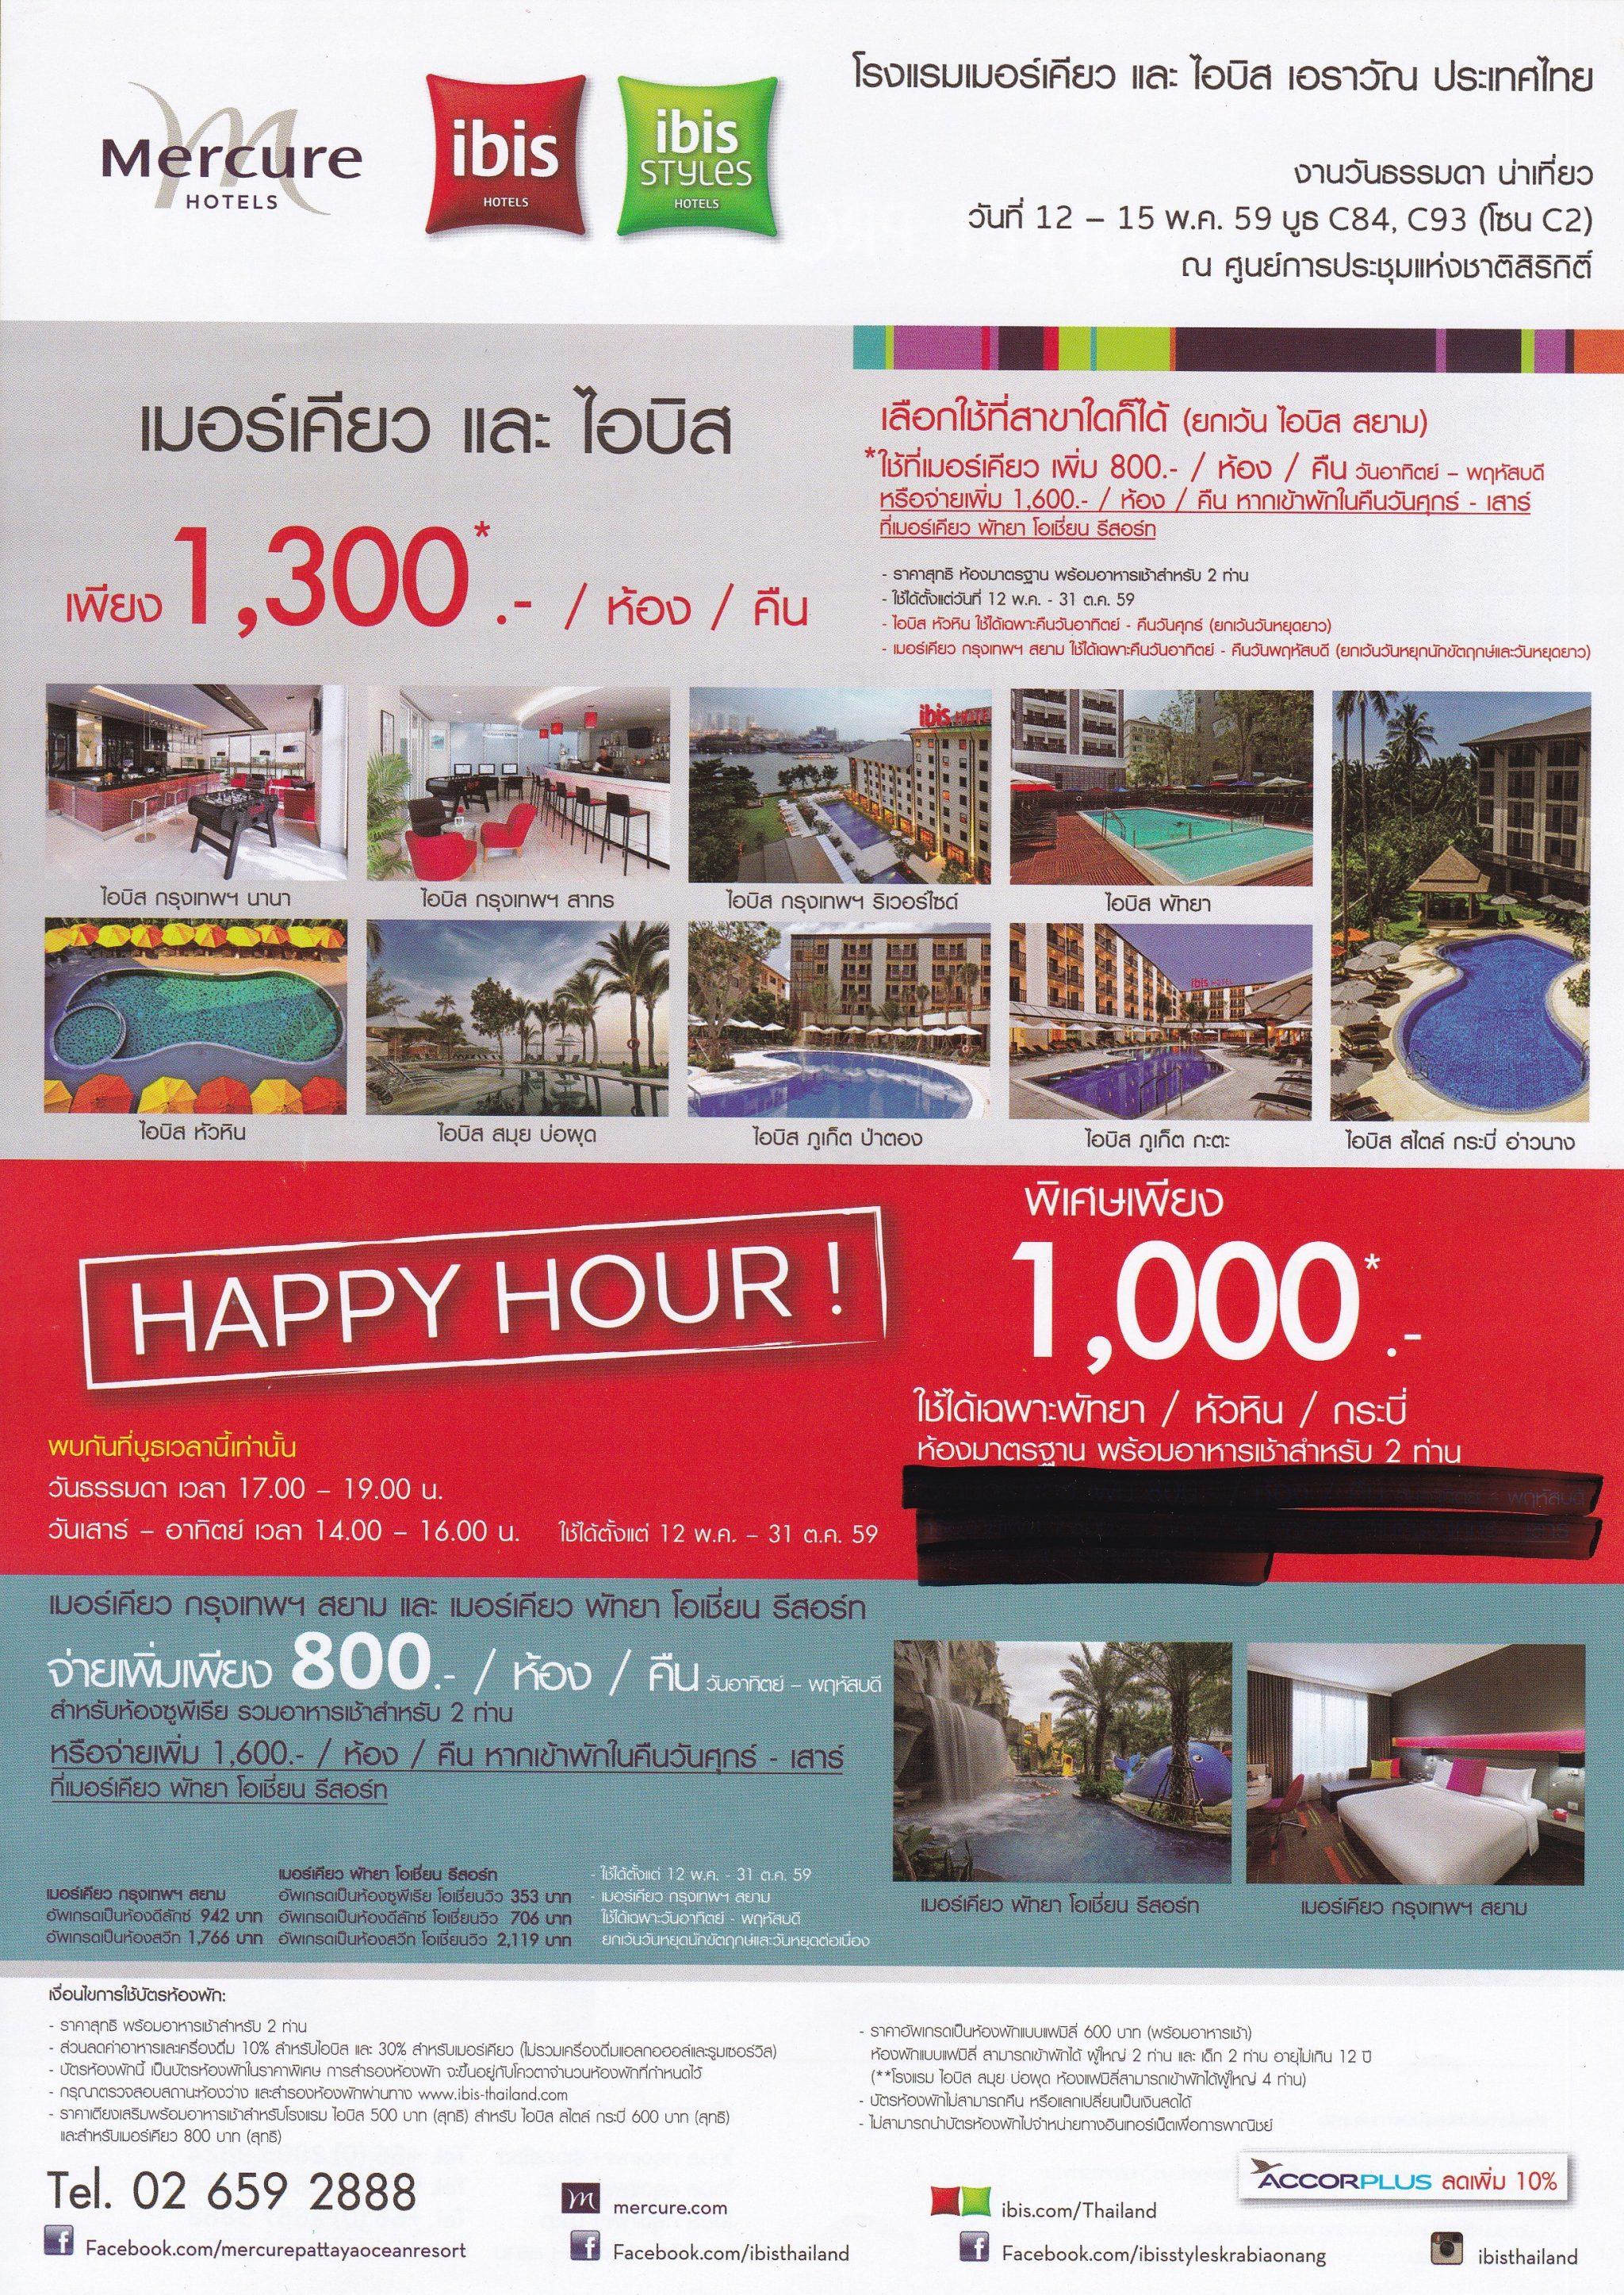 Travel-Hotel-Resort-restaurant-weekdaySpecial-Thailand-2559-1-7